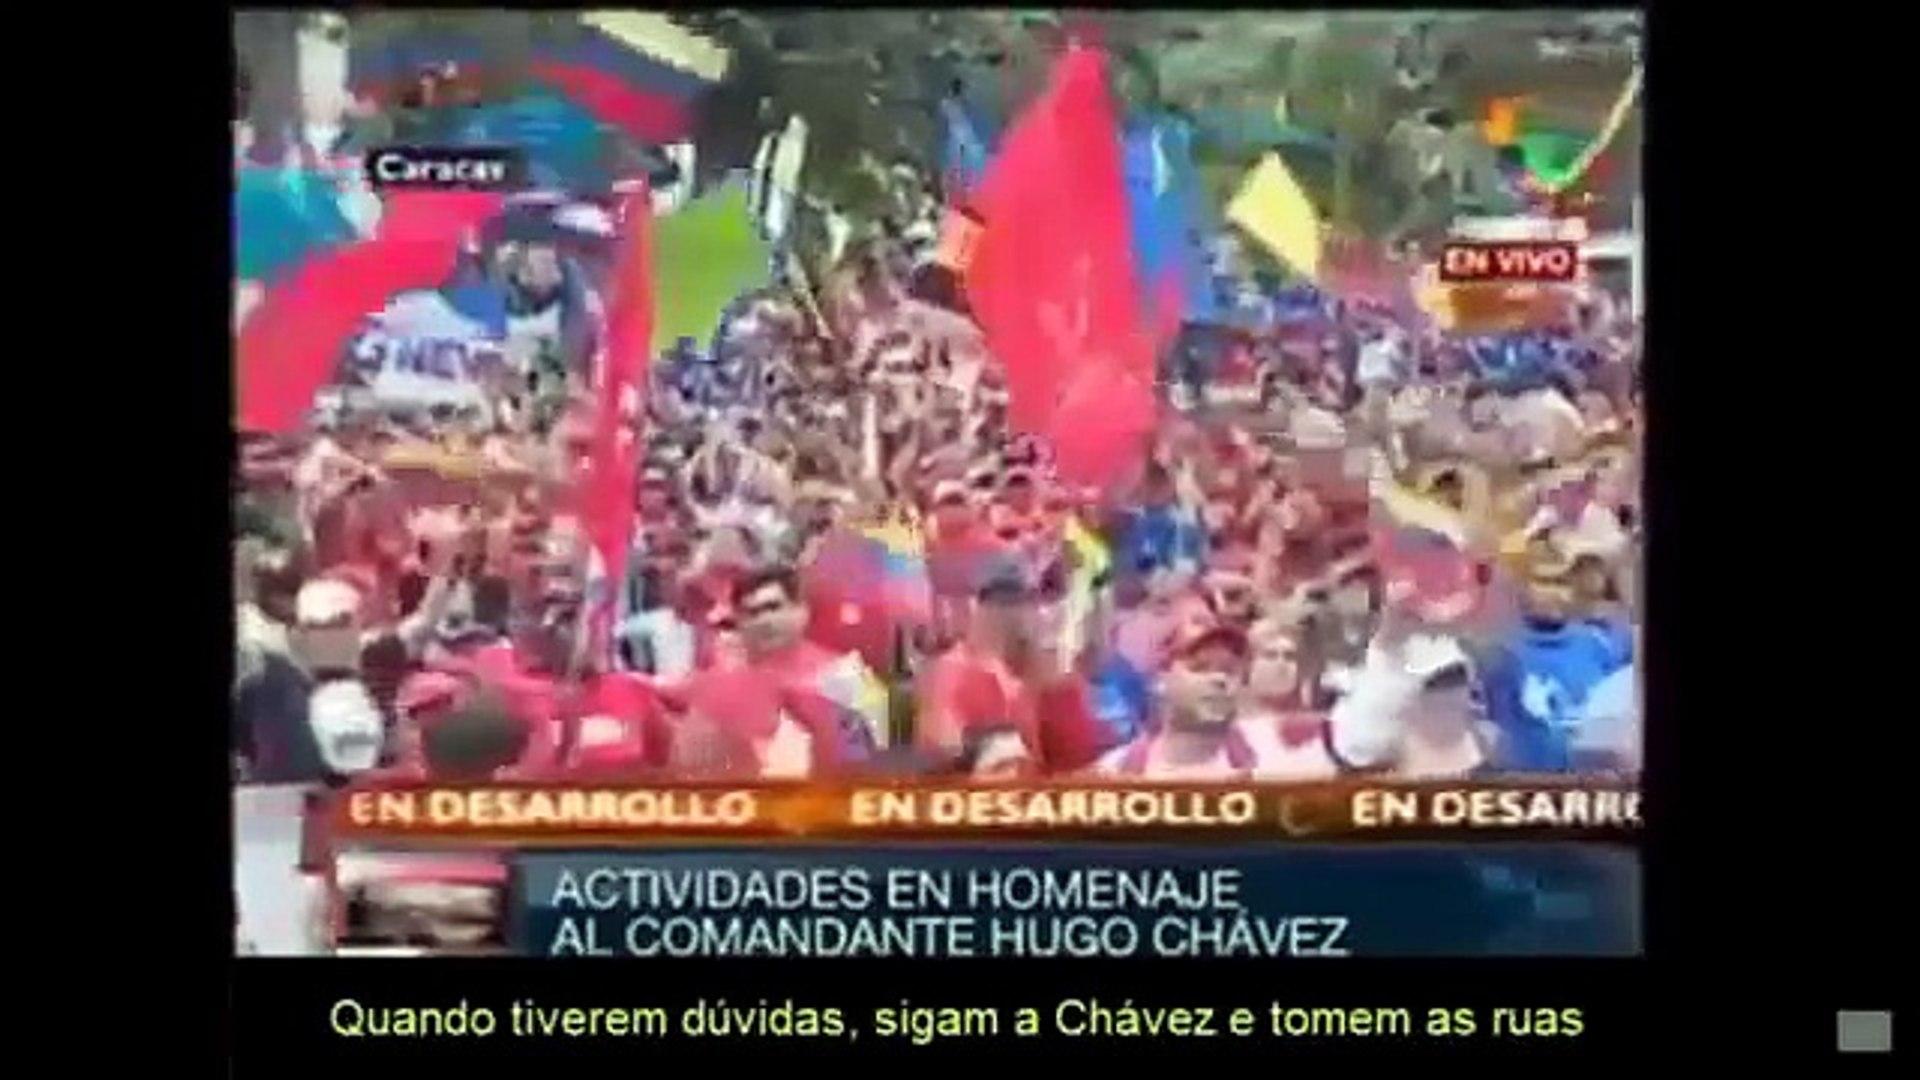 Bolivia e Venezuela ameaçam invadir o Brasil.PODEM VIR COMUNISTAS DE MERDA